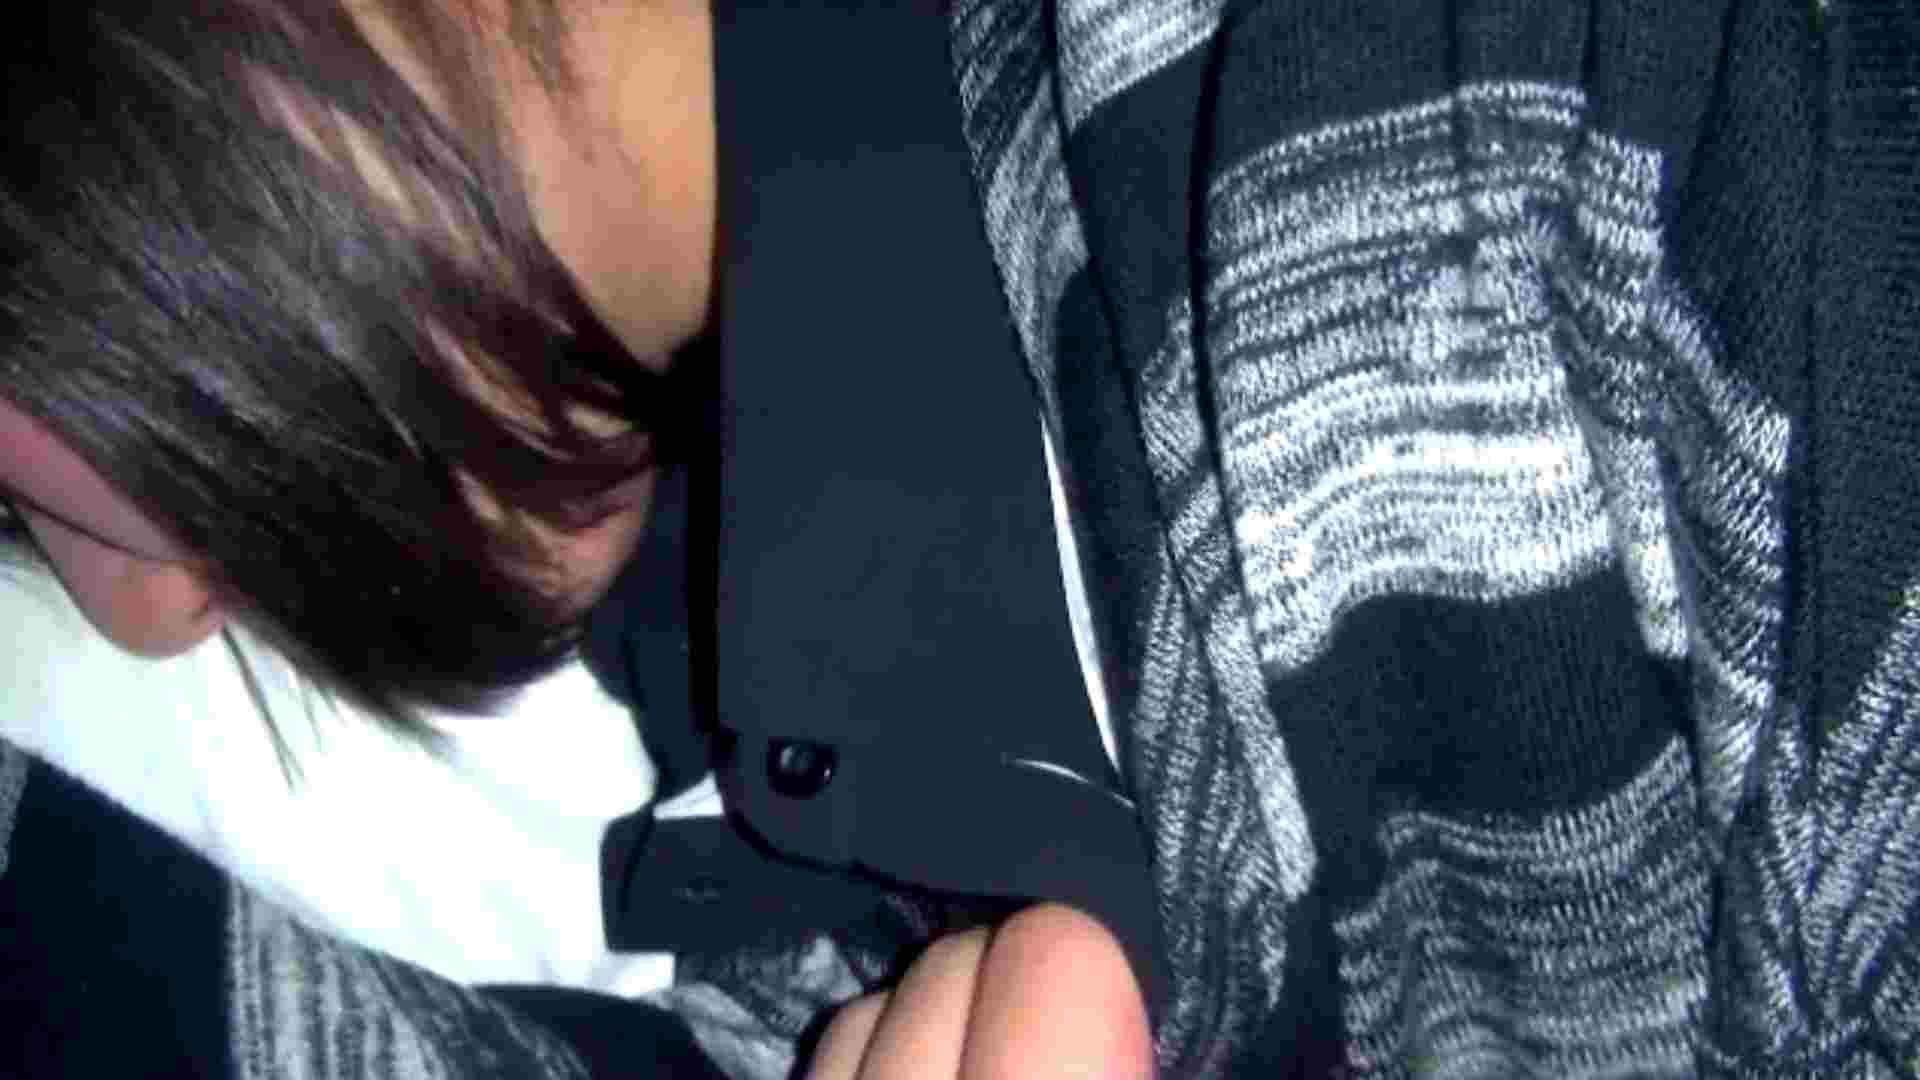 vol.34 【AIちゃん】 黒髪19歳 夏休みのプチ家出中 1回目 いじくり | ホテルで絶頂  68画像 61